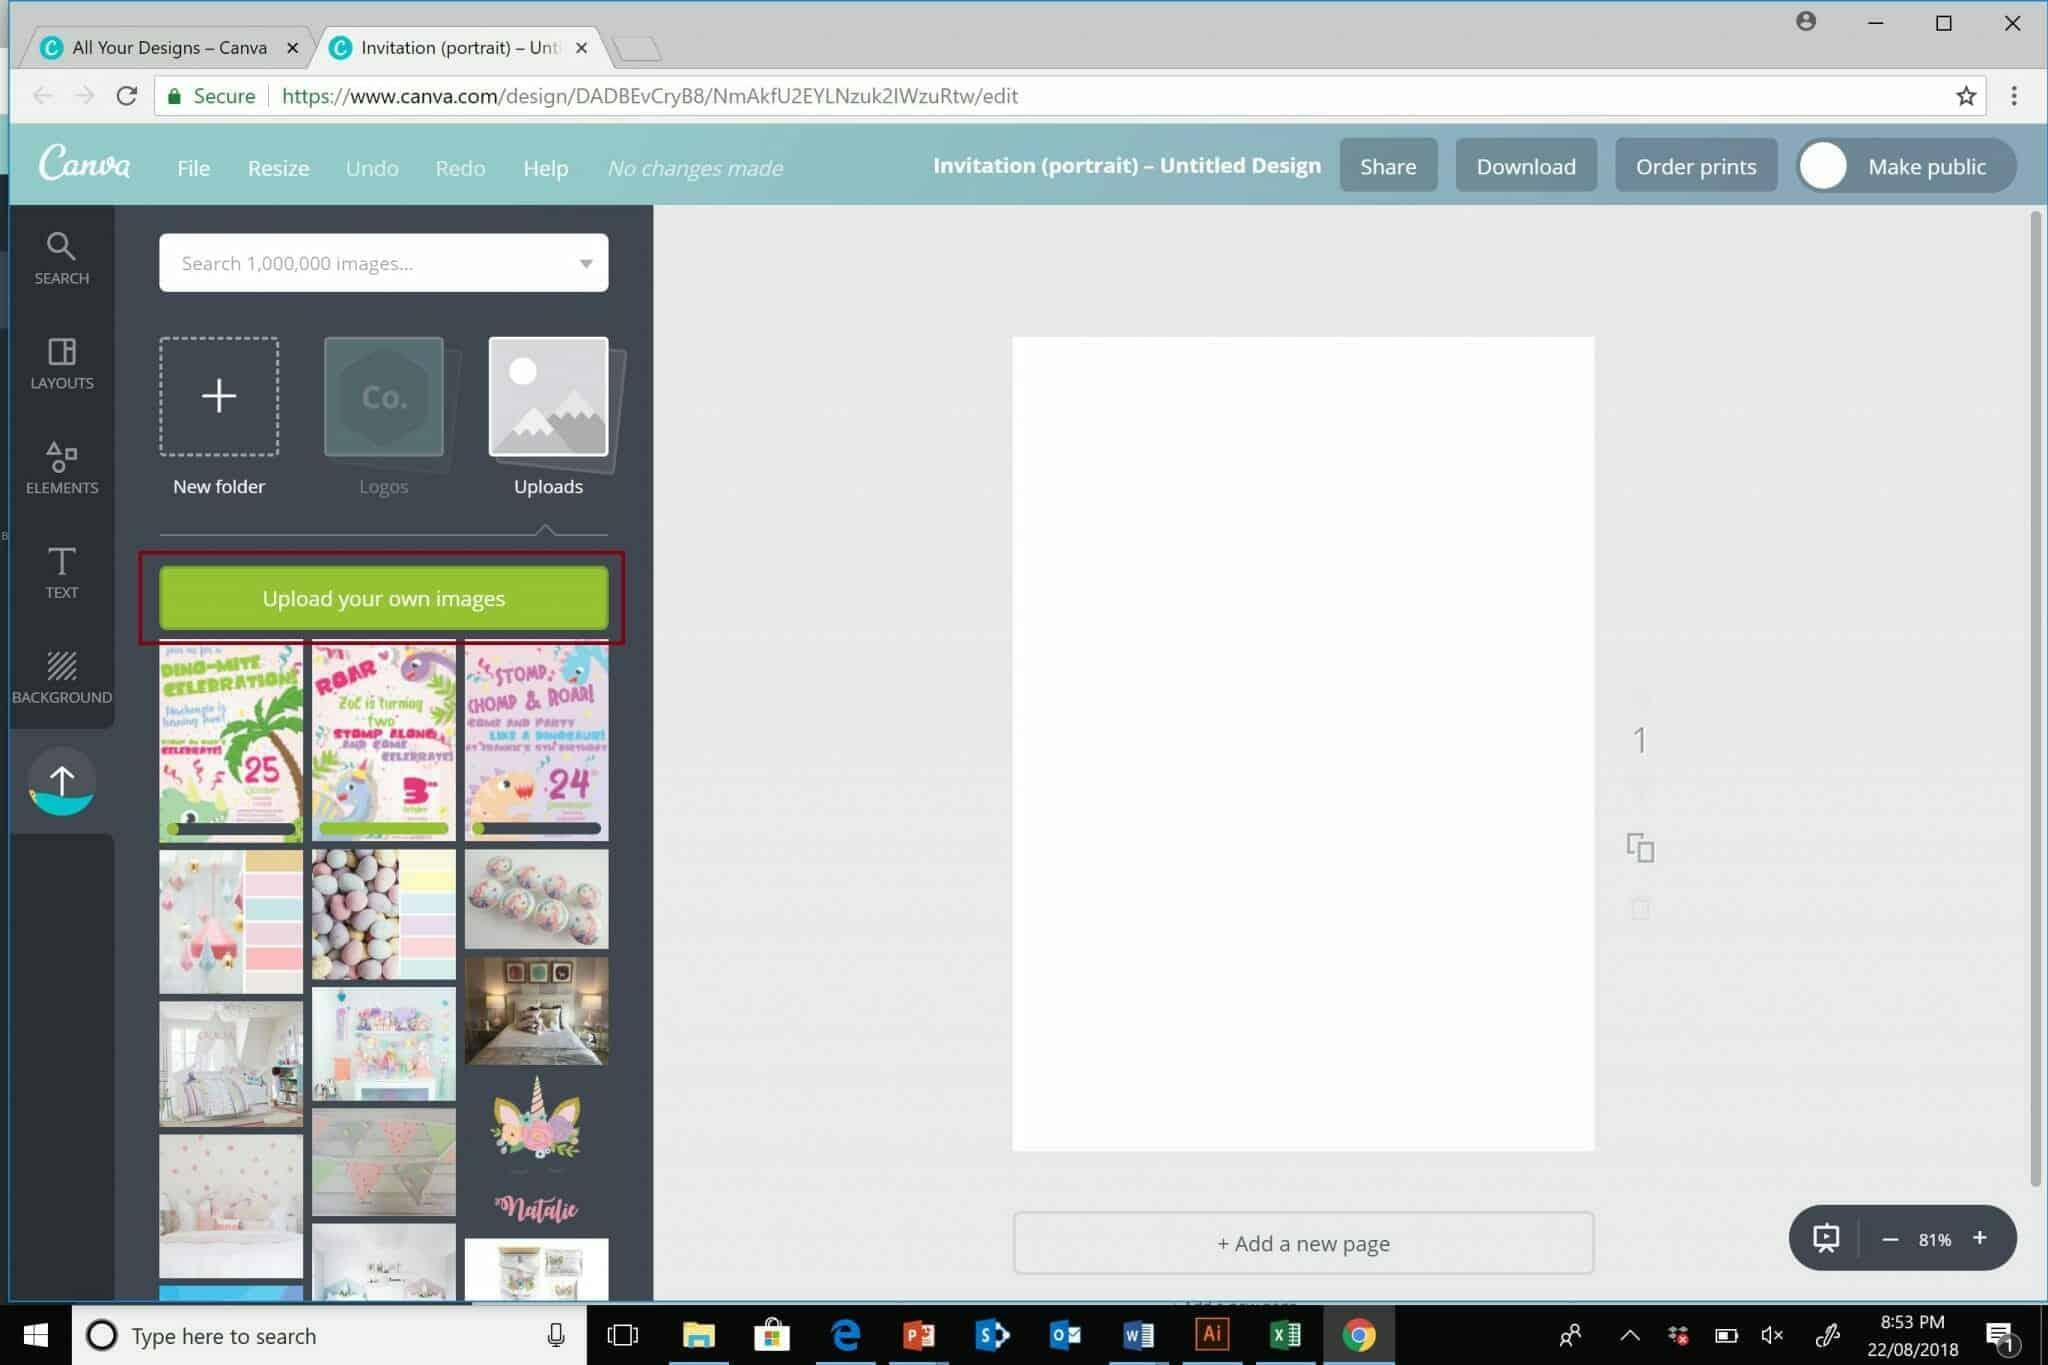 Canva upload images